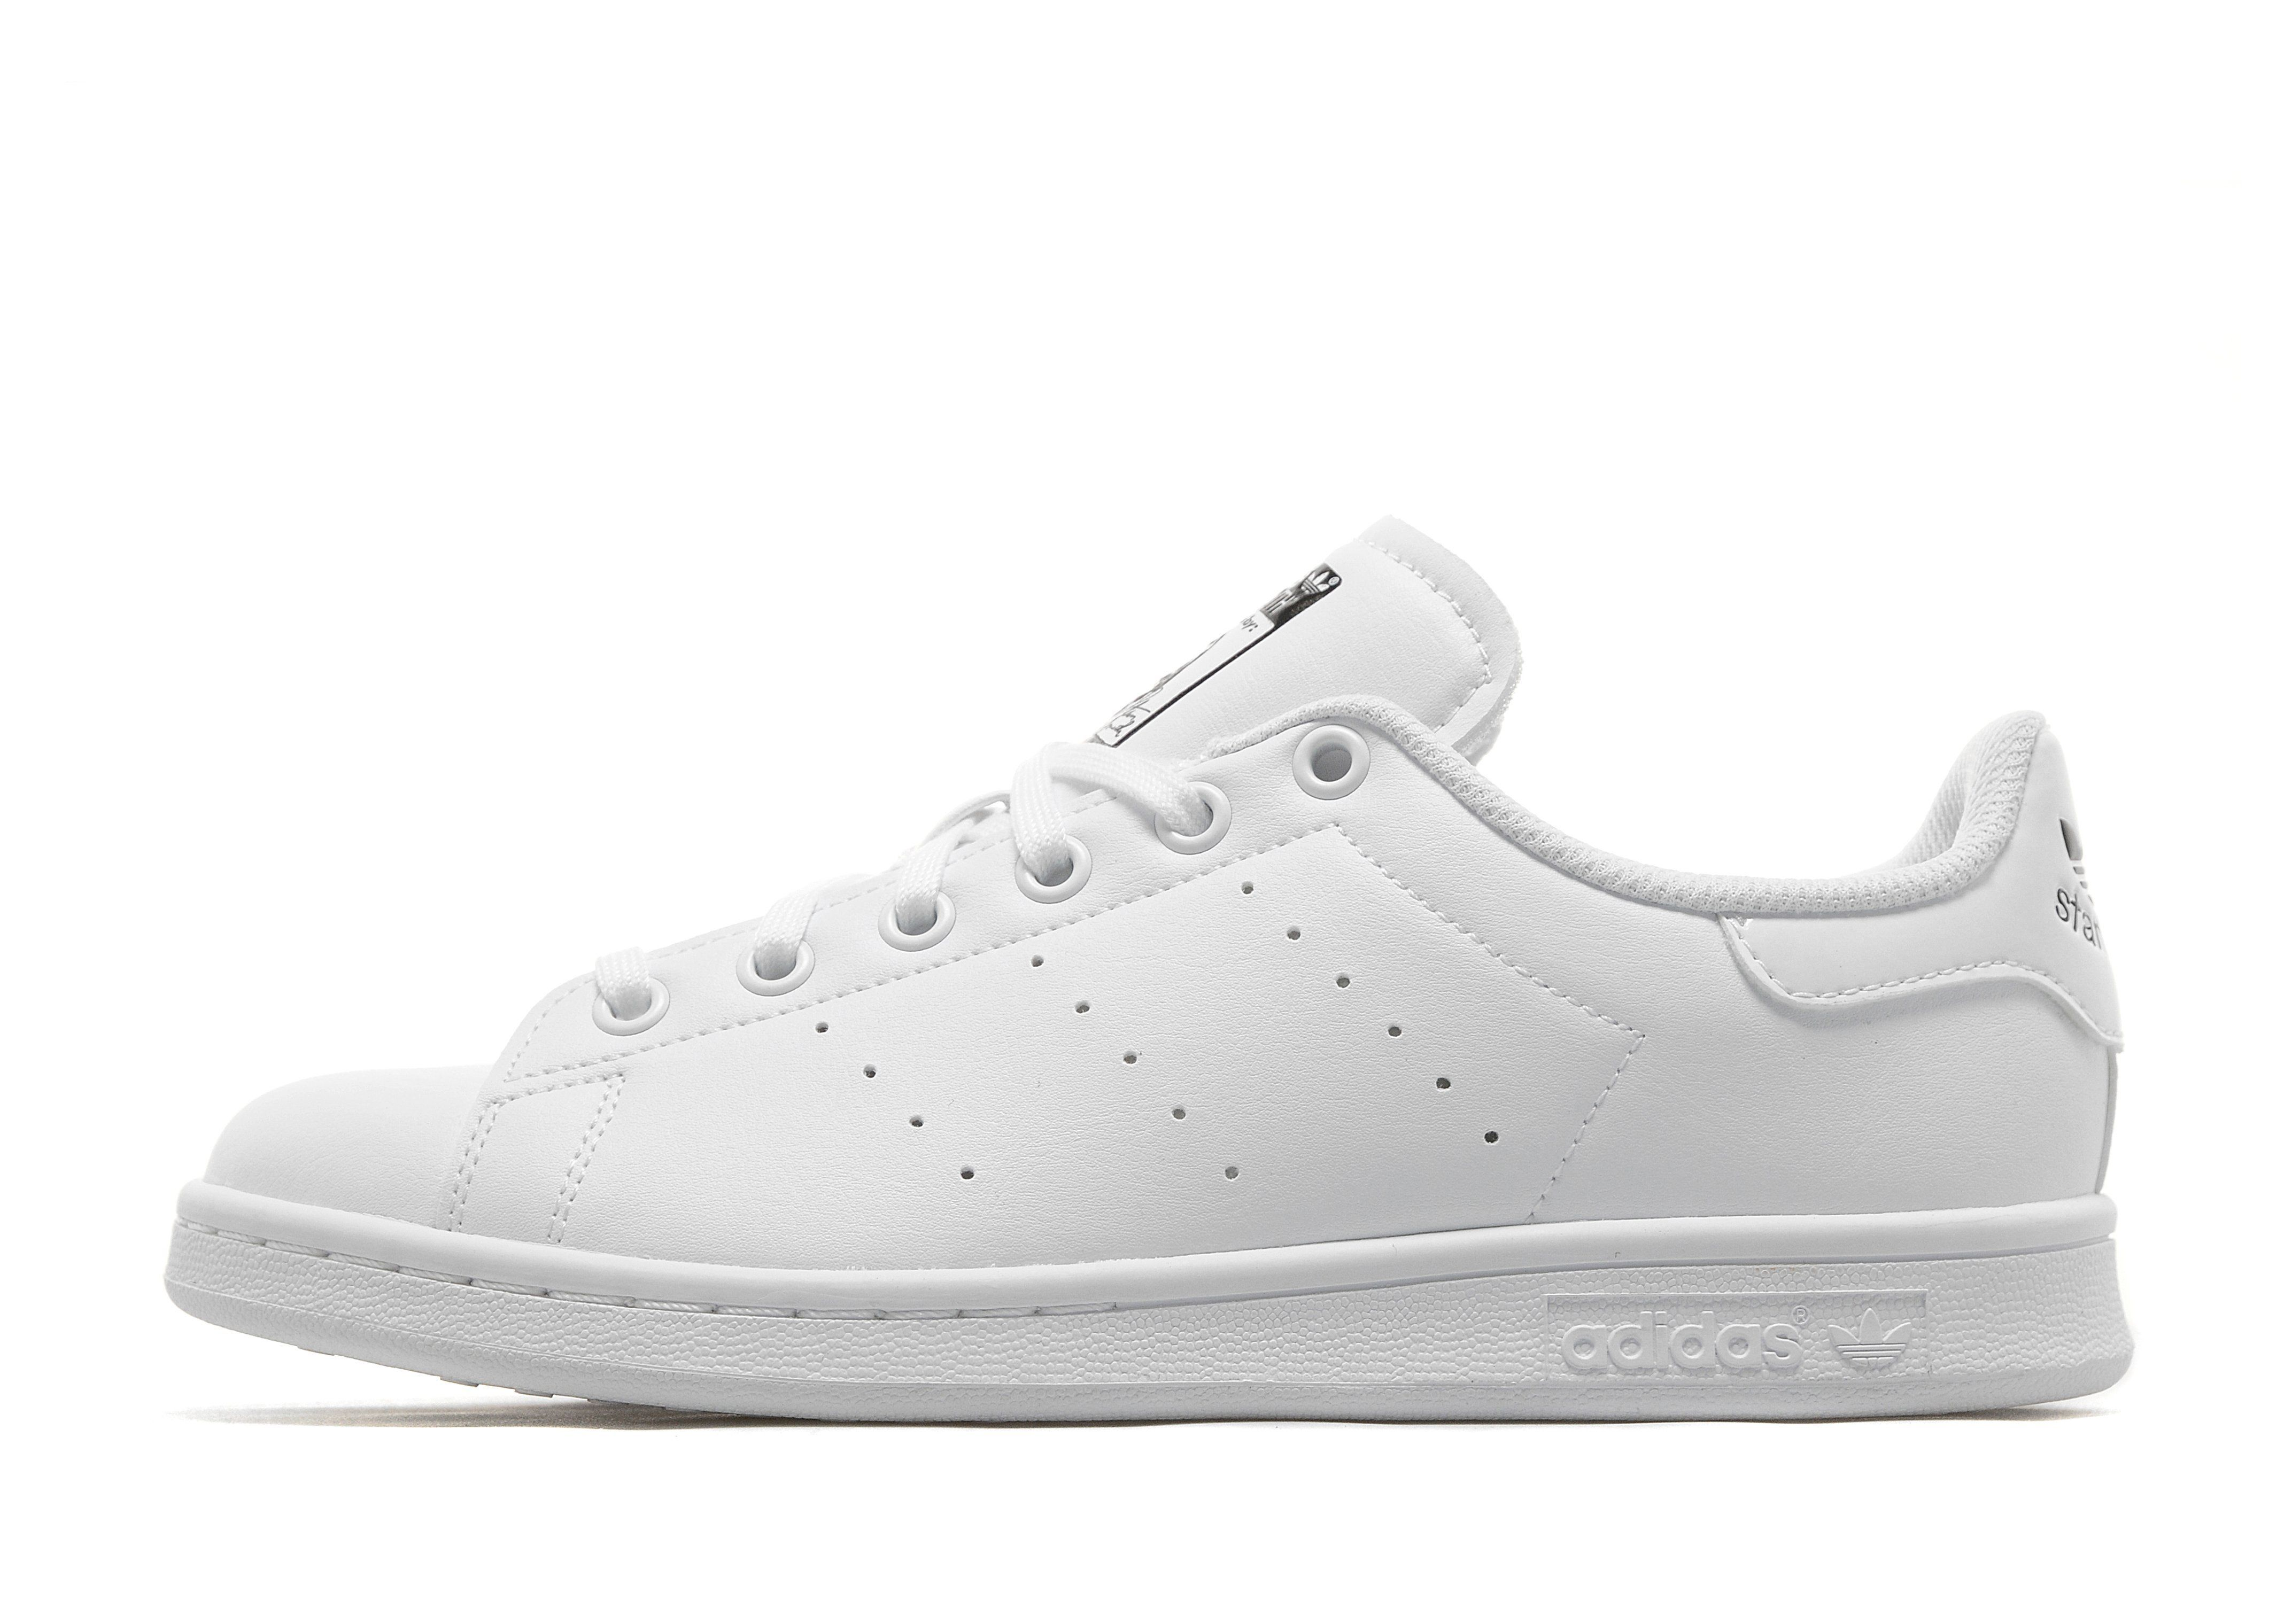 low priced fd4b4 58478 adidas Originals Stan Smith Junior - Shop online for adidas ...